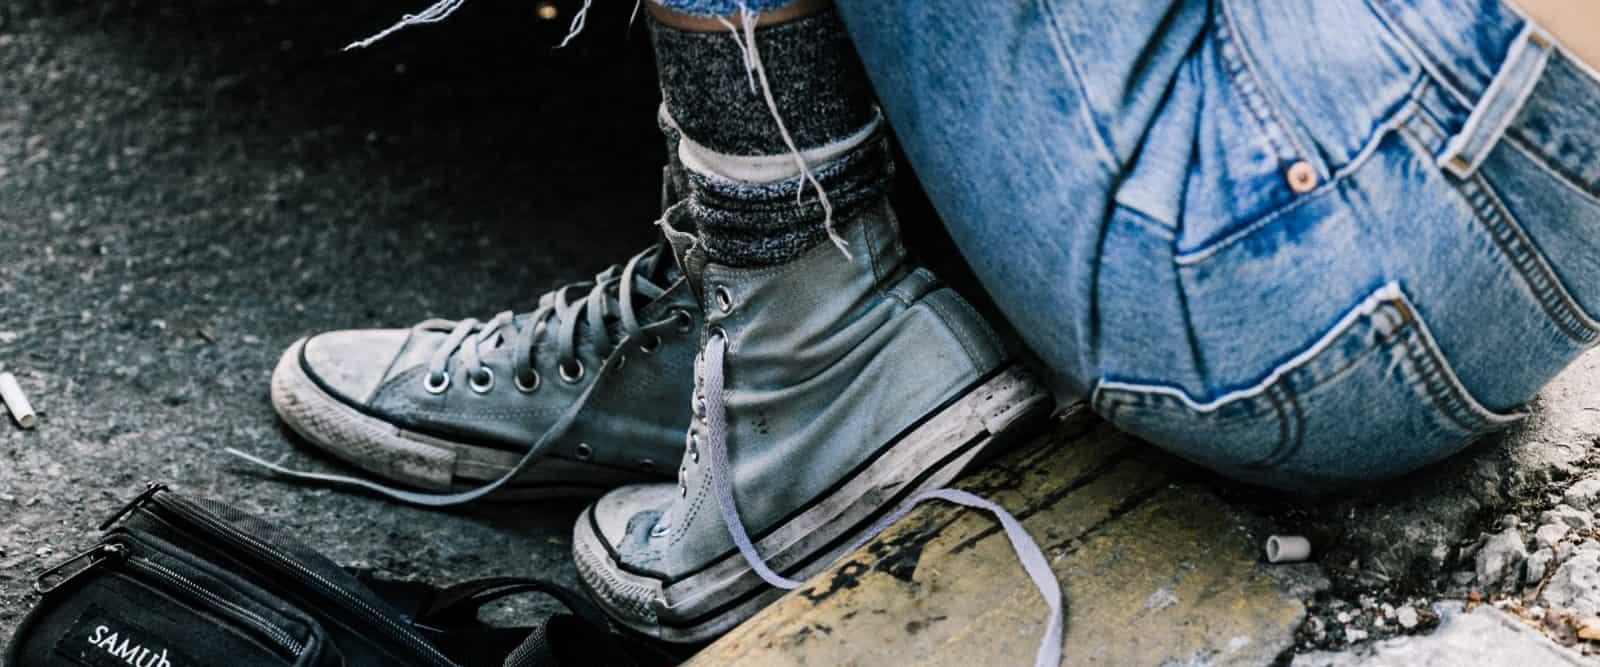 """脏帆布鞋街拍,无论是Converse还是Vans,他们的经典帆布鞋永远是10lek.com圈的常青藤,一年四季都能在街拍中看到它们的身影。近两年,是时髦大咖越来越懒还是越来越穷?她们脚上的帆布鞋越来越脏旧!而这一""""乞丐风""""也瞬间席卷了整个10lek.com圈哦,让我们来看看。"""